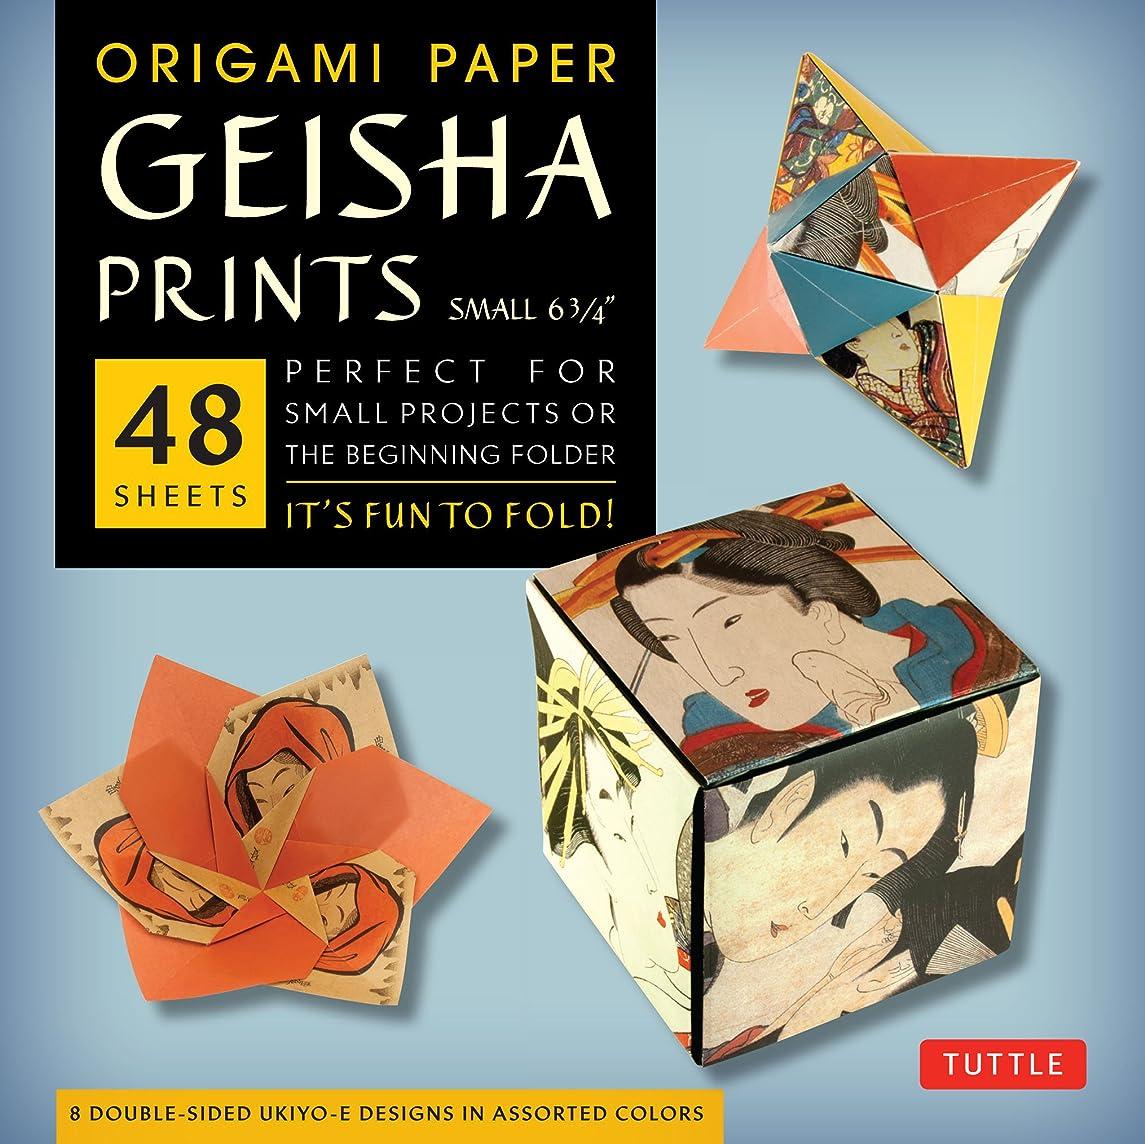 Origami Paper - Geisha Prints - Small 6 3/4